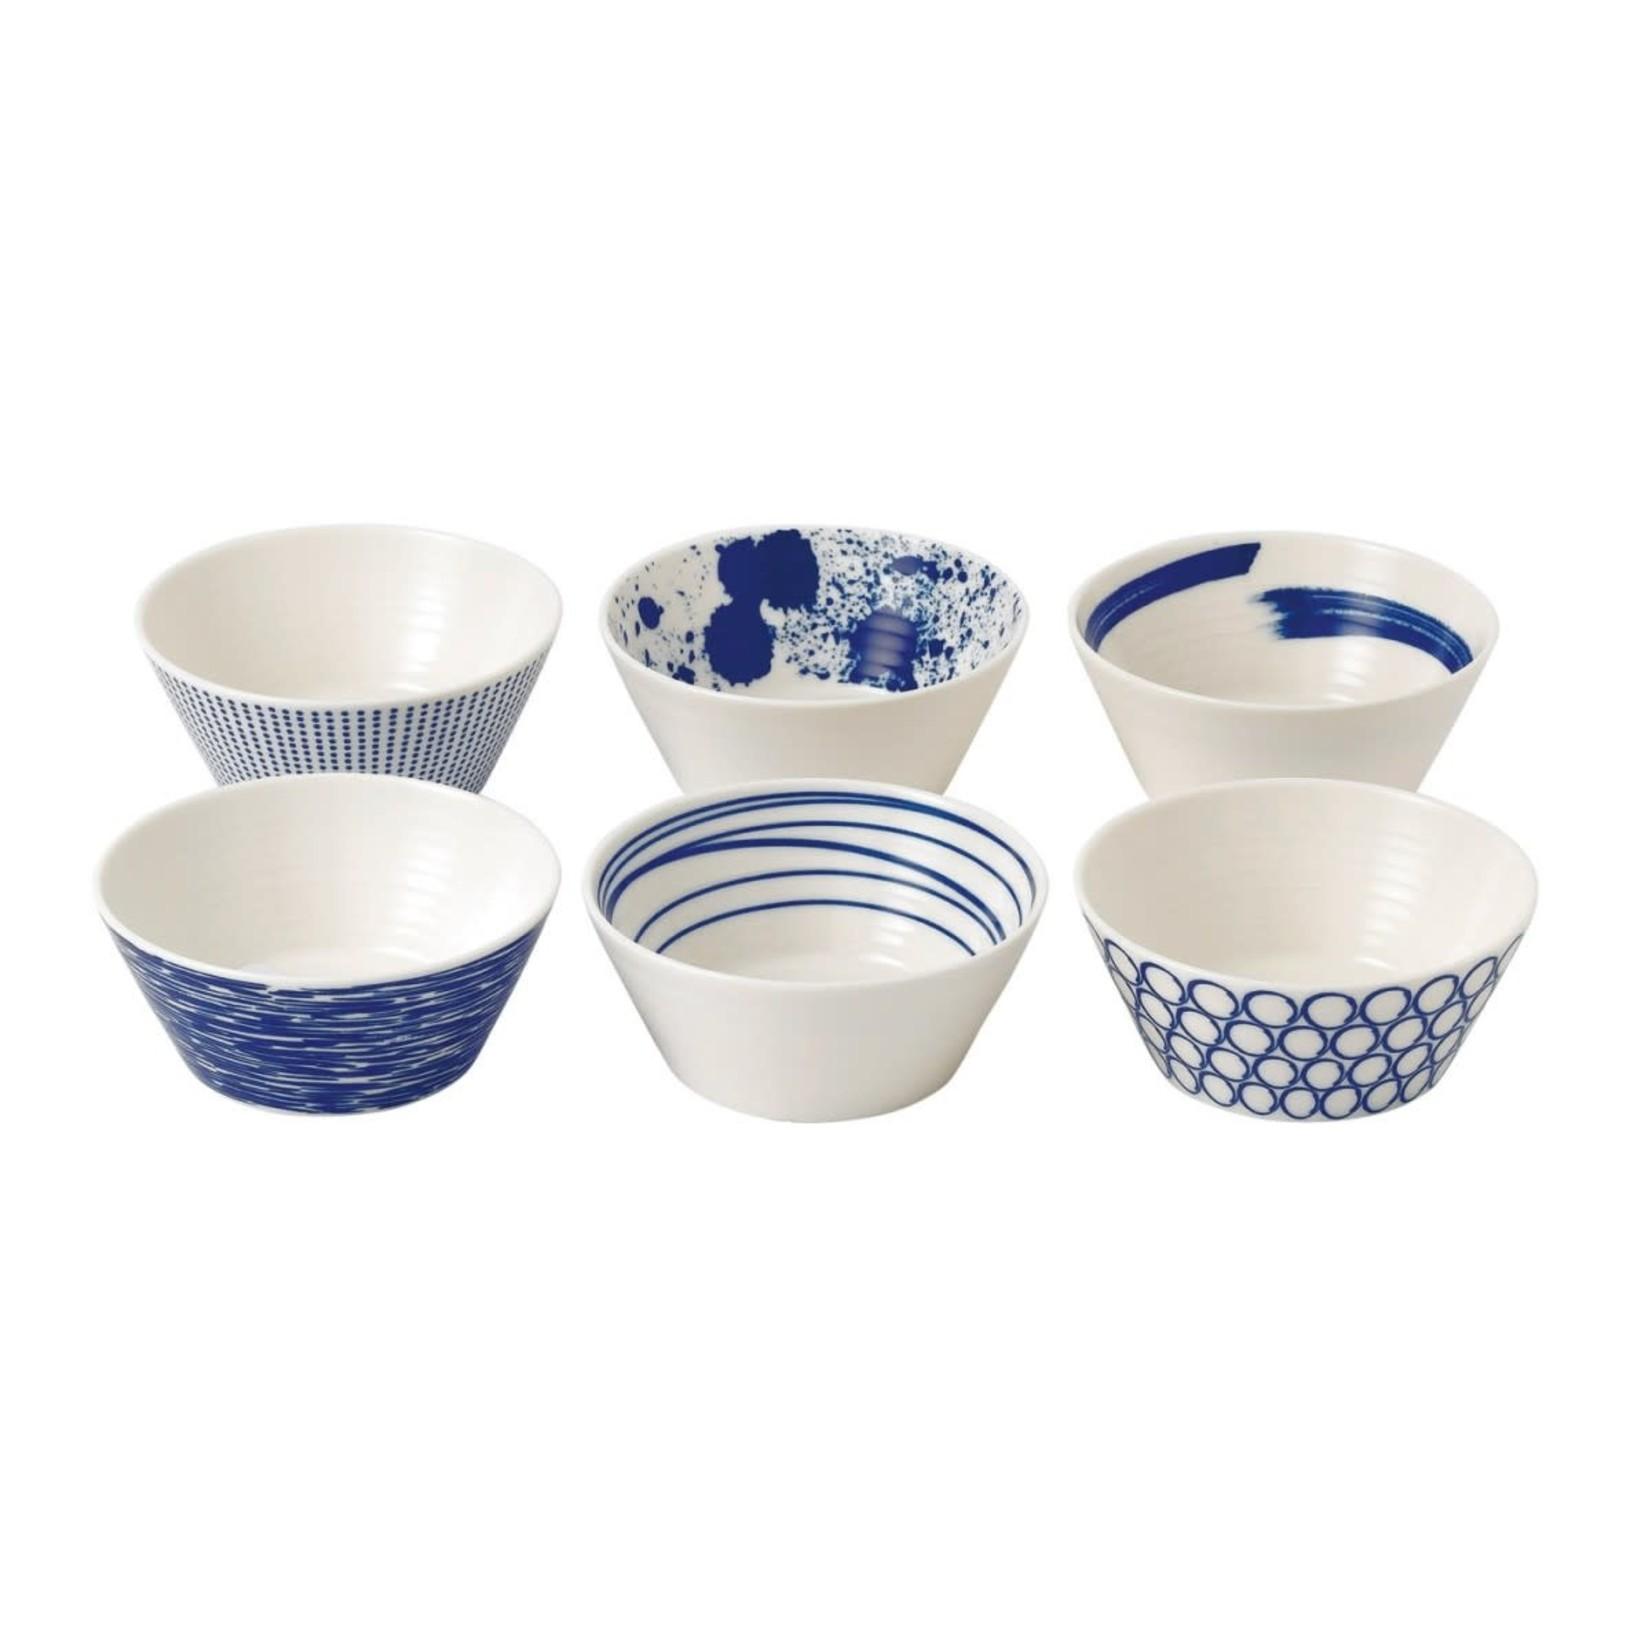 Royal Doulton Pacific Tapas Bowls, Set of 6